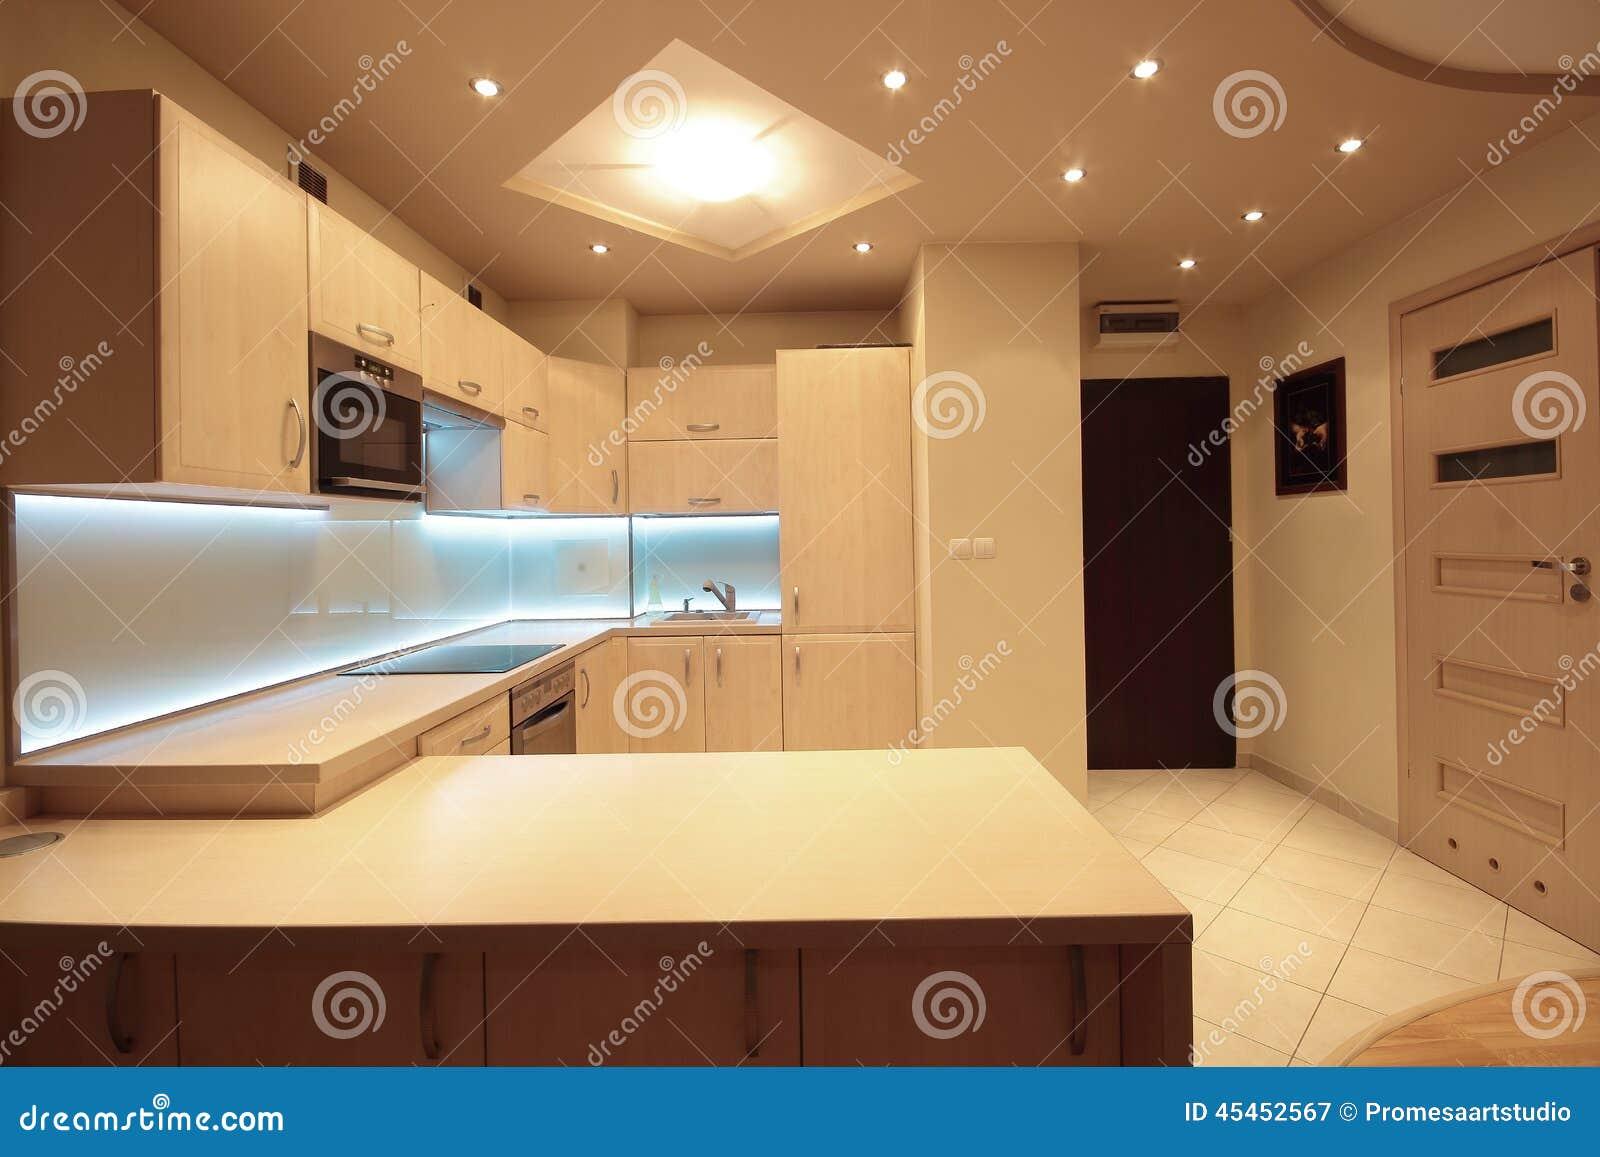 Cucina di lusso moderna con illuminazione bianca del led - Led in cucina ...